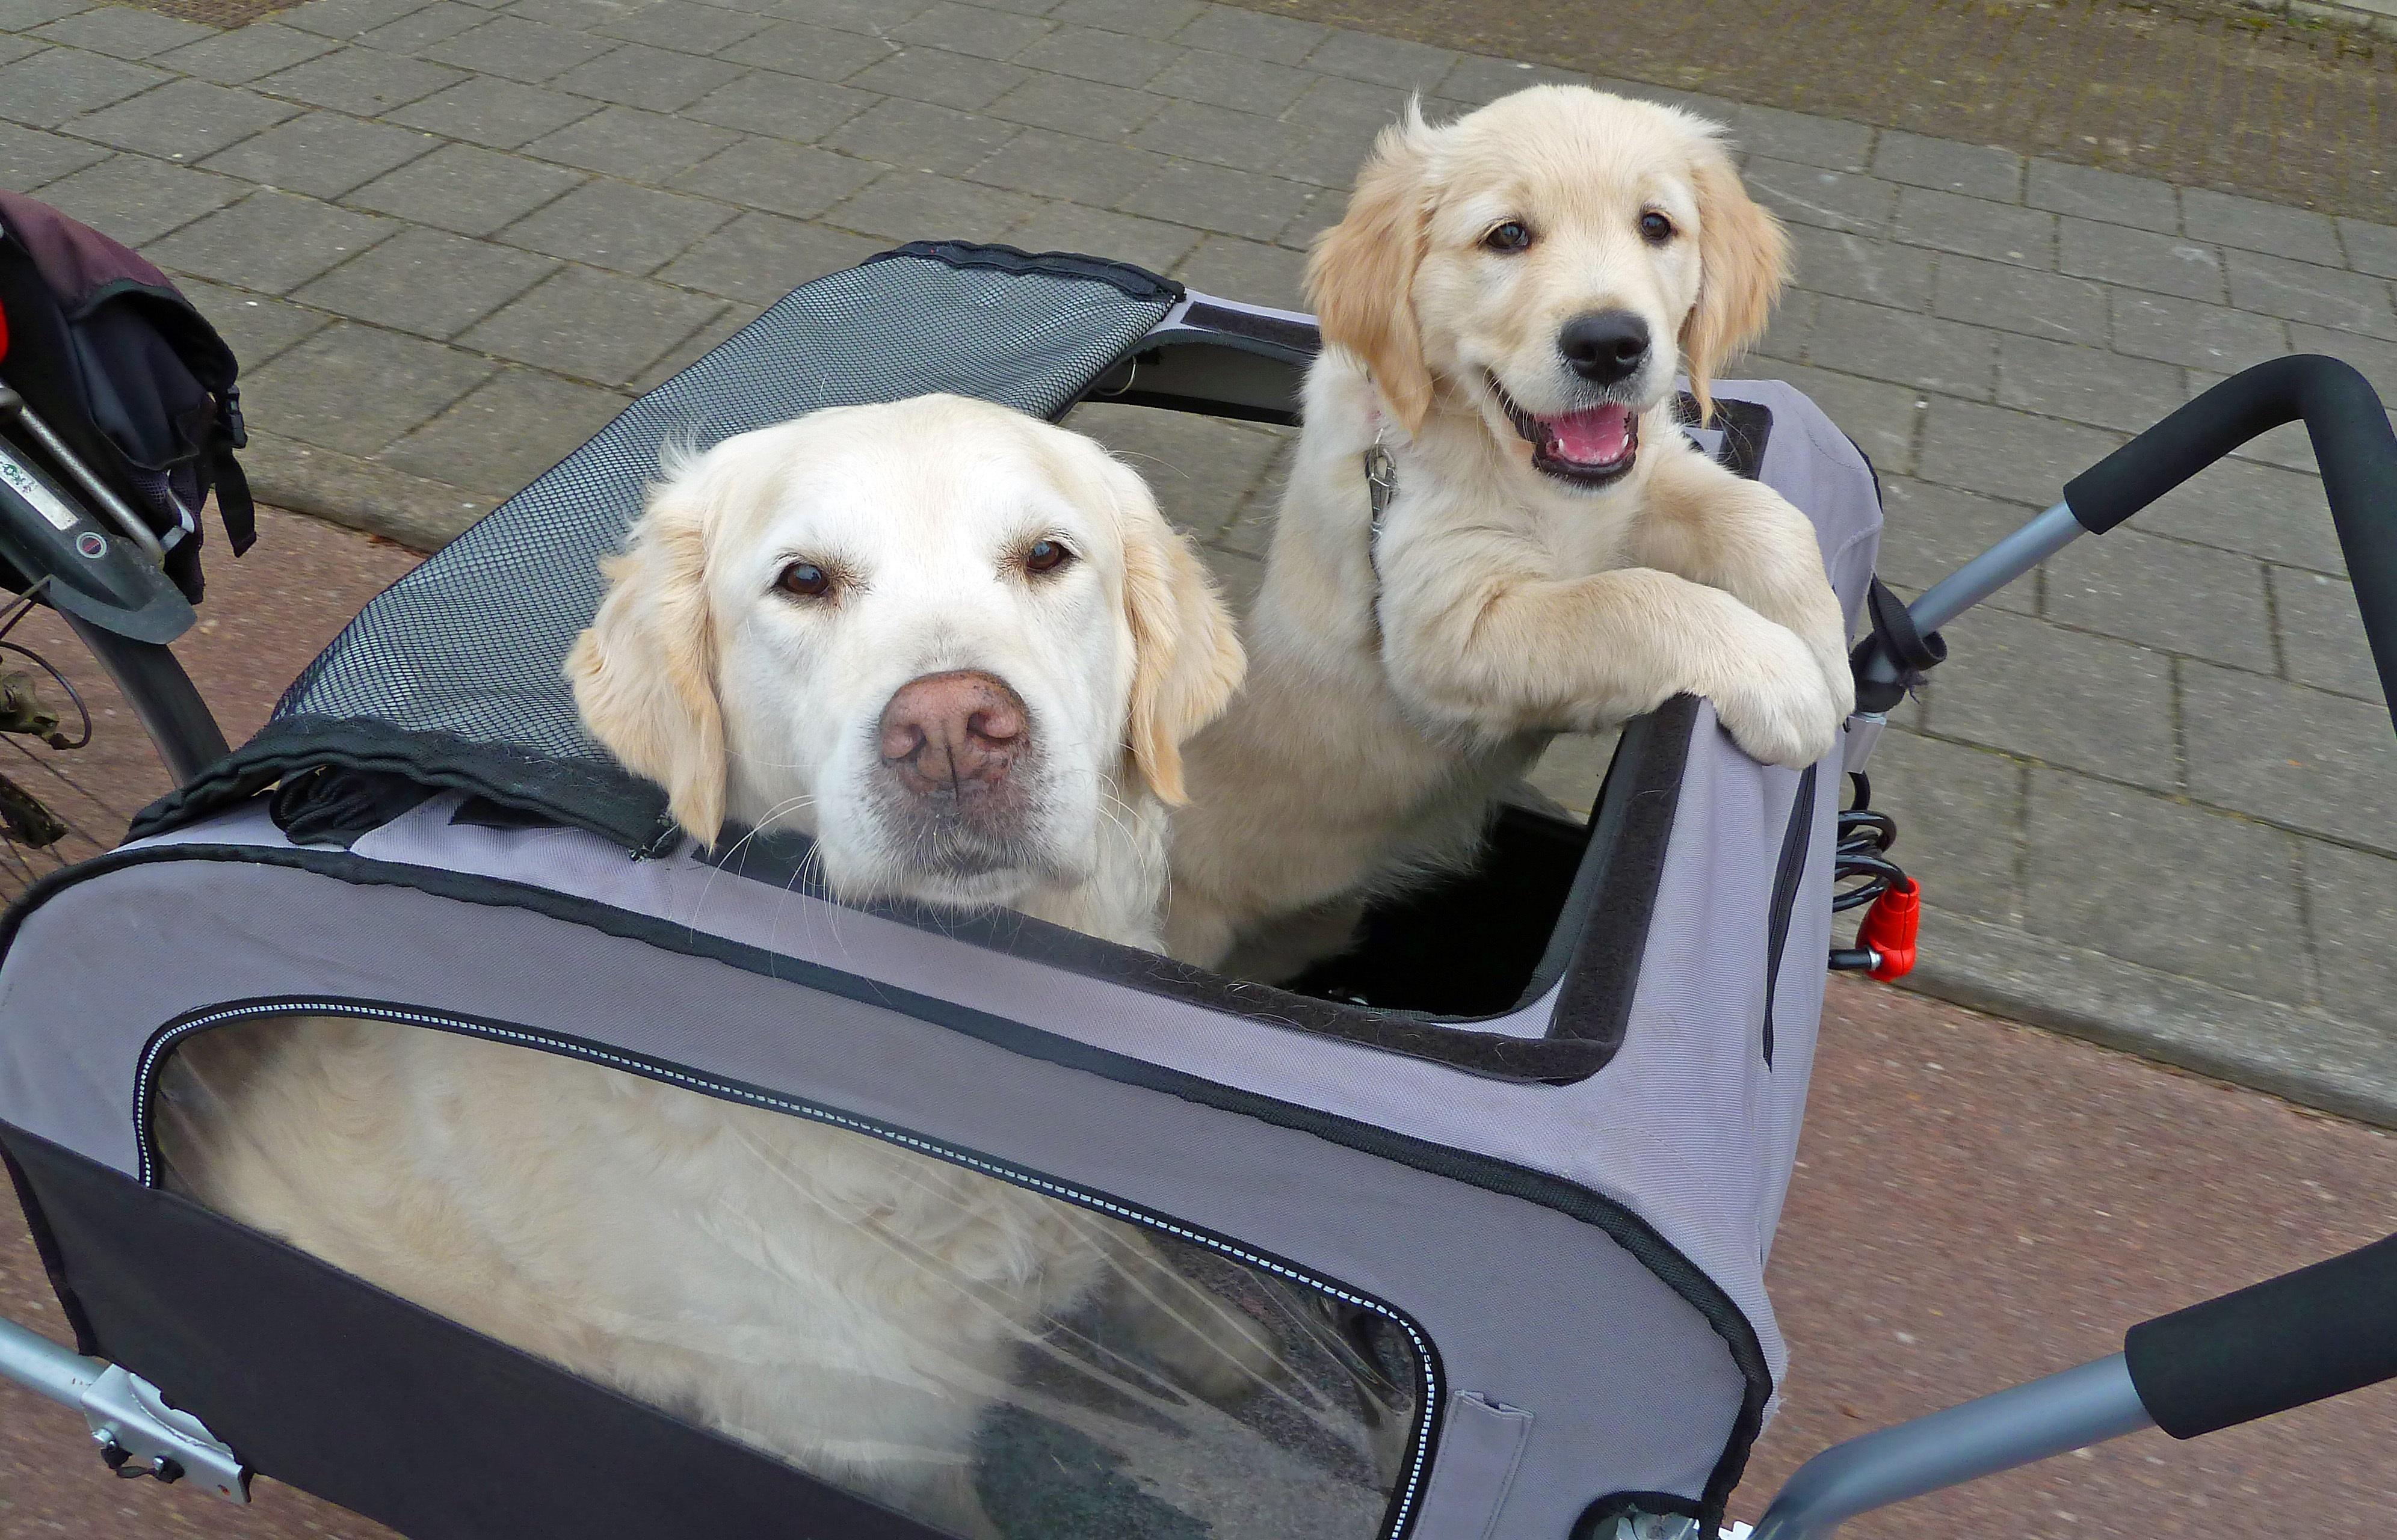 933b4350d09917 Er komt een pup in huis, hoe bereiden we ons goed voor? | Platform ...